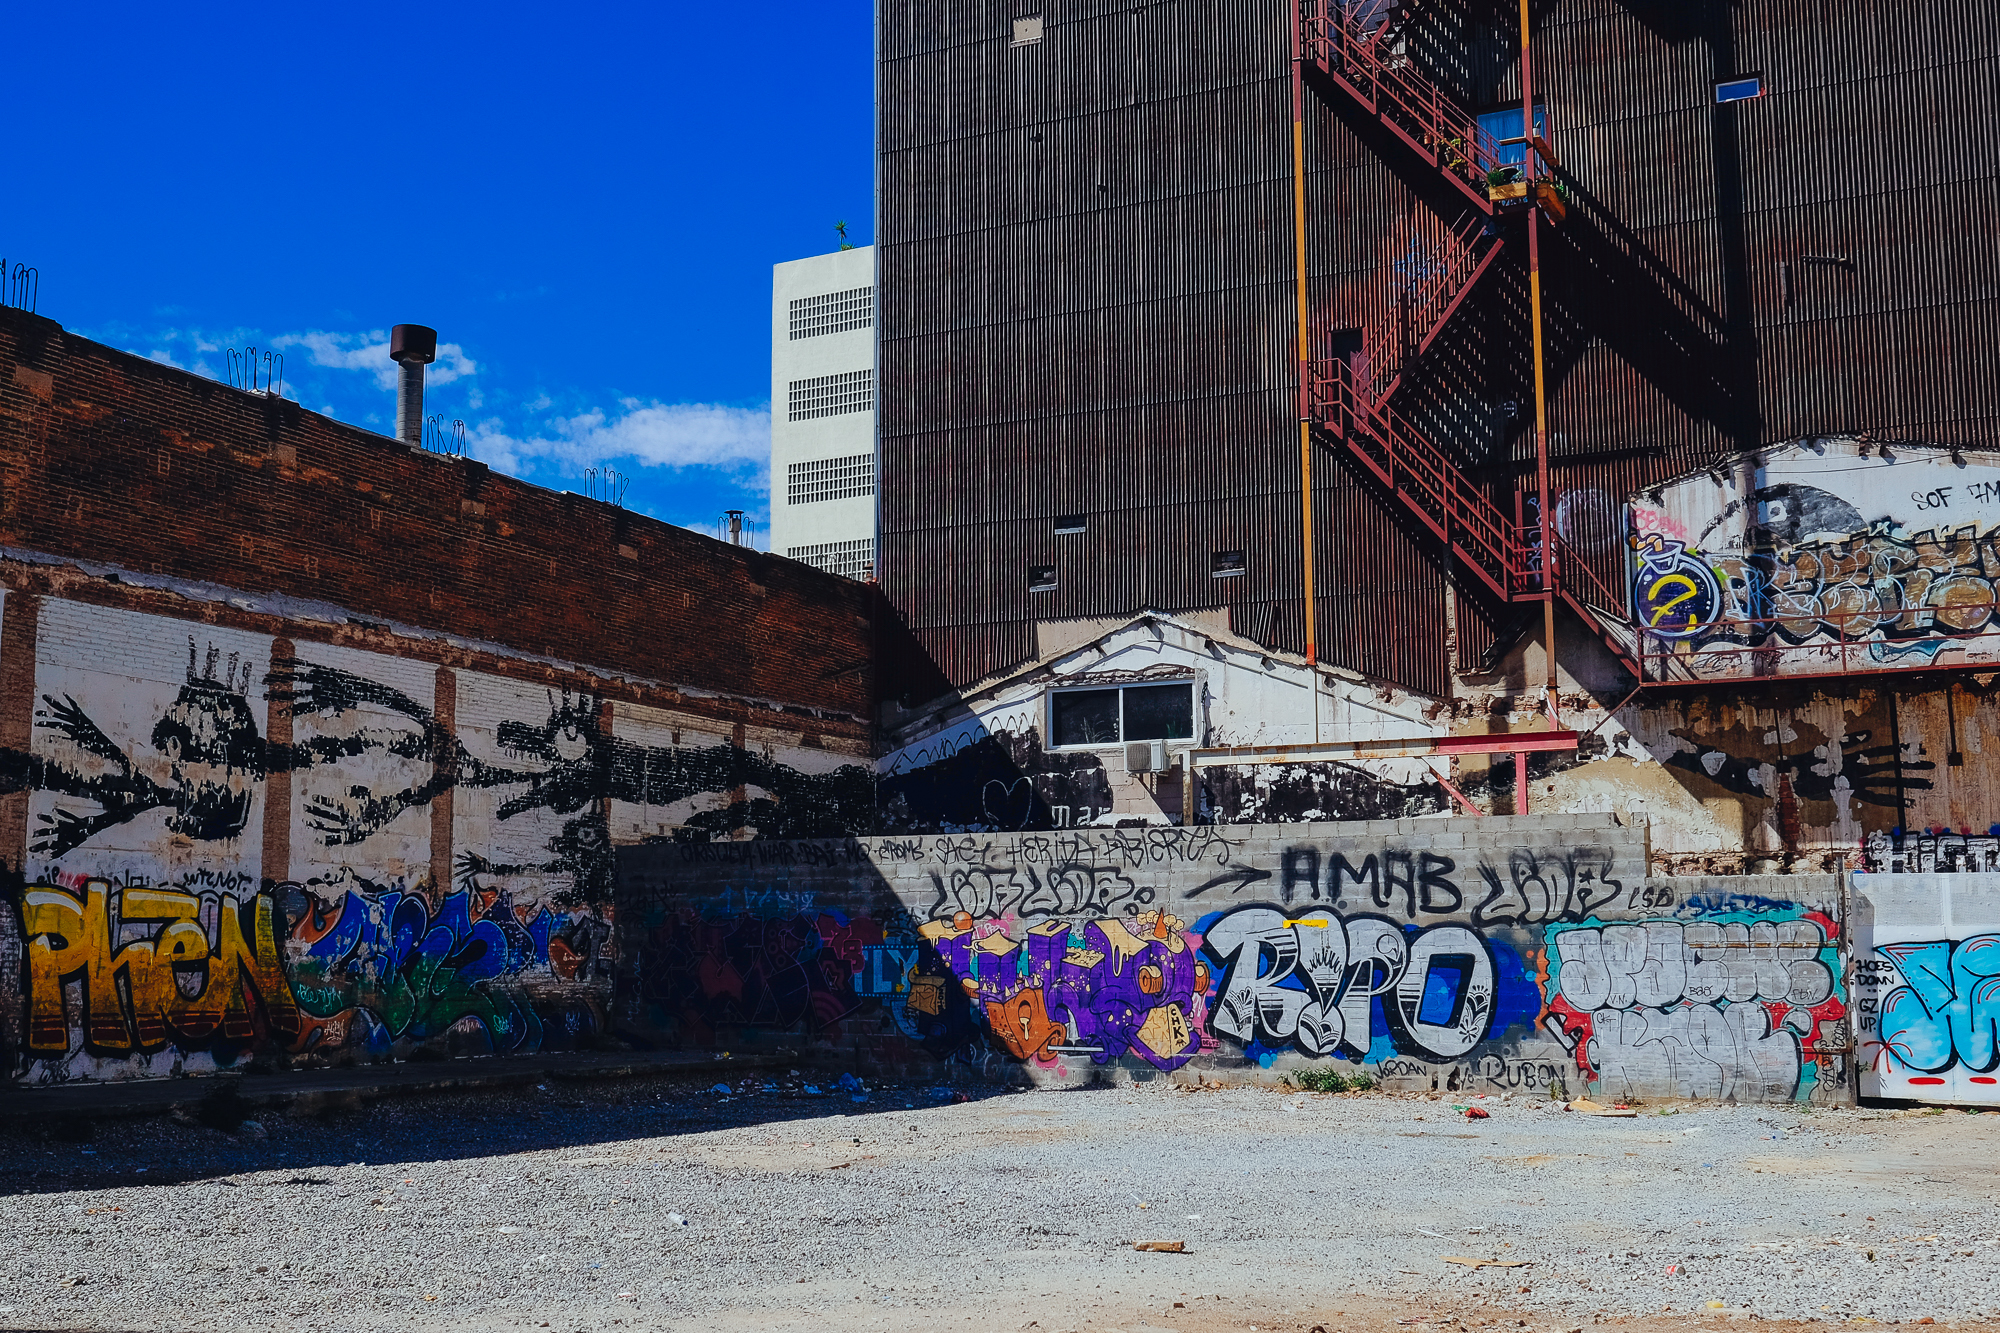 Poblenou love street art mural